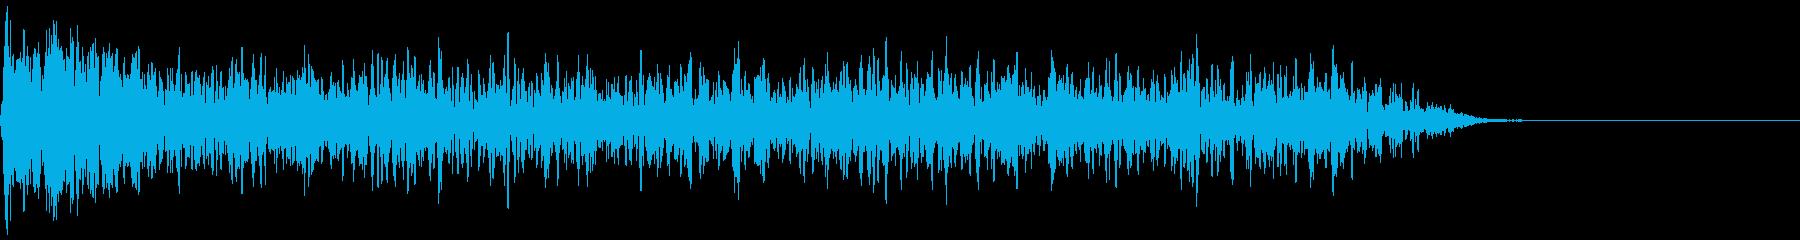 【ホラー】SFX_01 鐘が響く暗闇の再生済みの波形